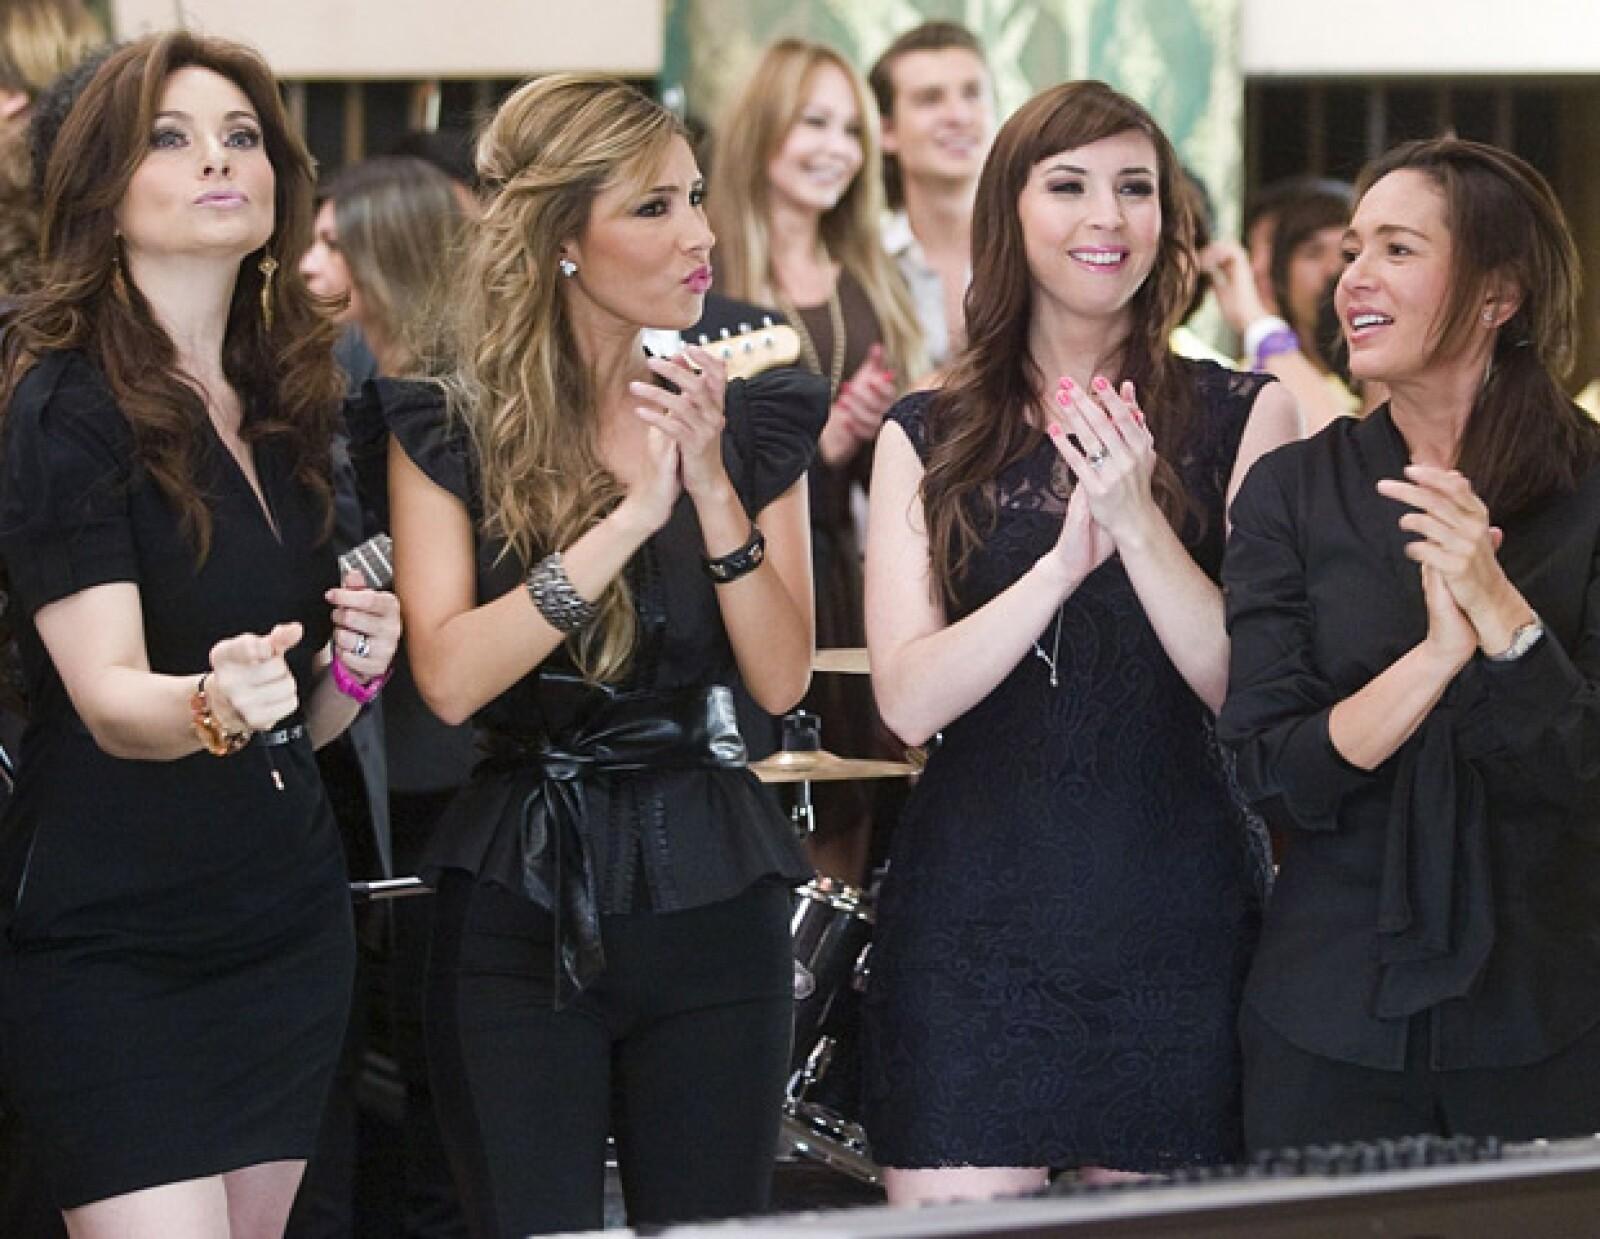 Elizabeth Álvarez, Andrea Torre y Yolanda Andrade no pararon de reír en el video.